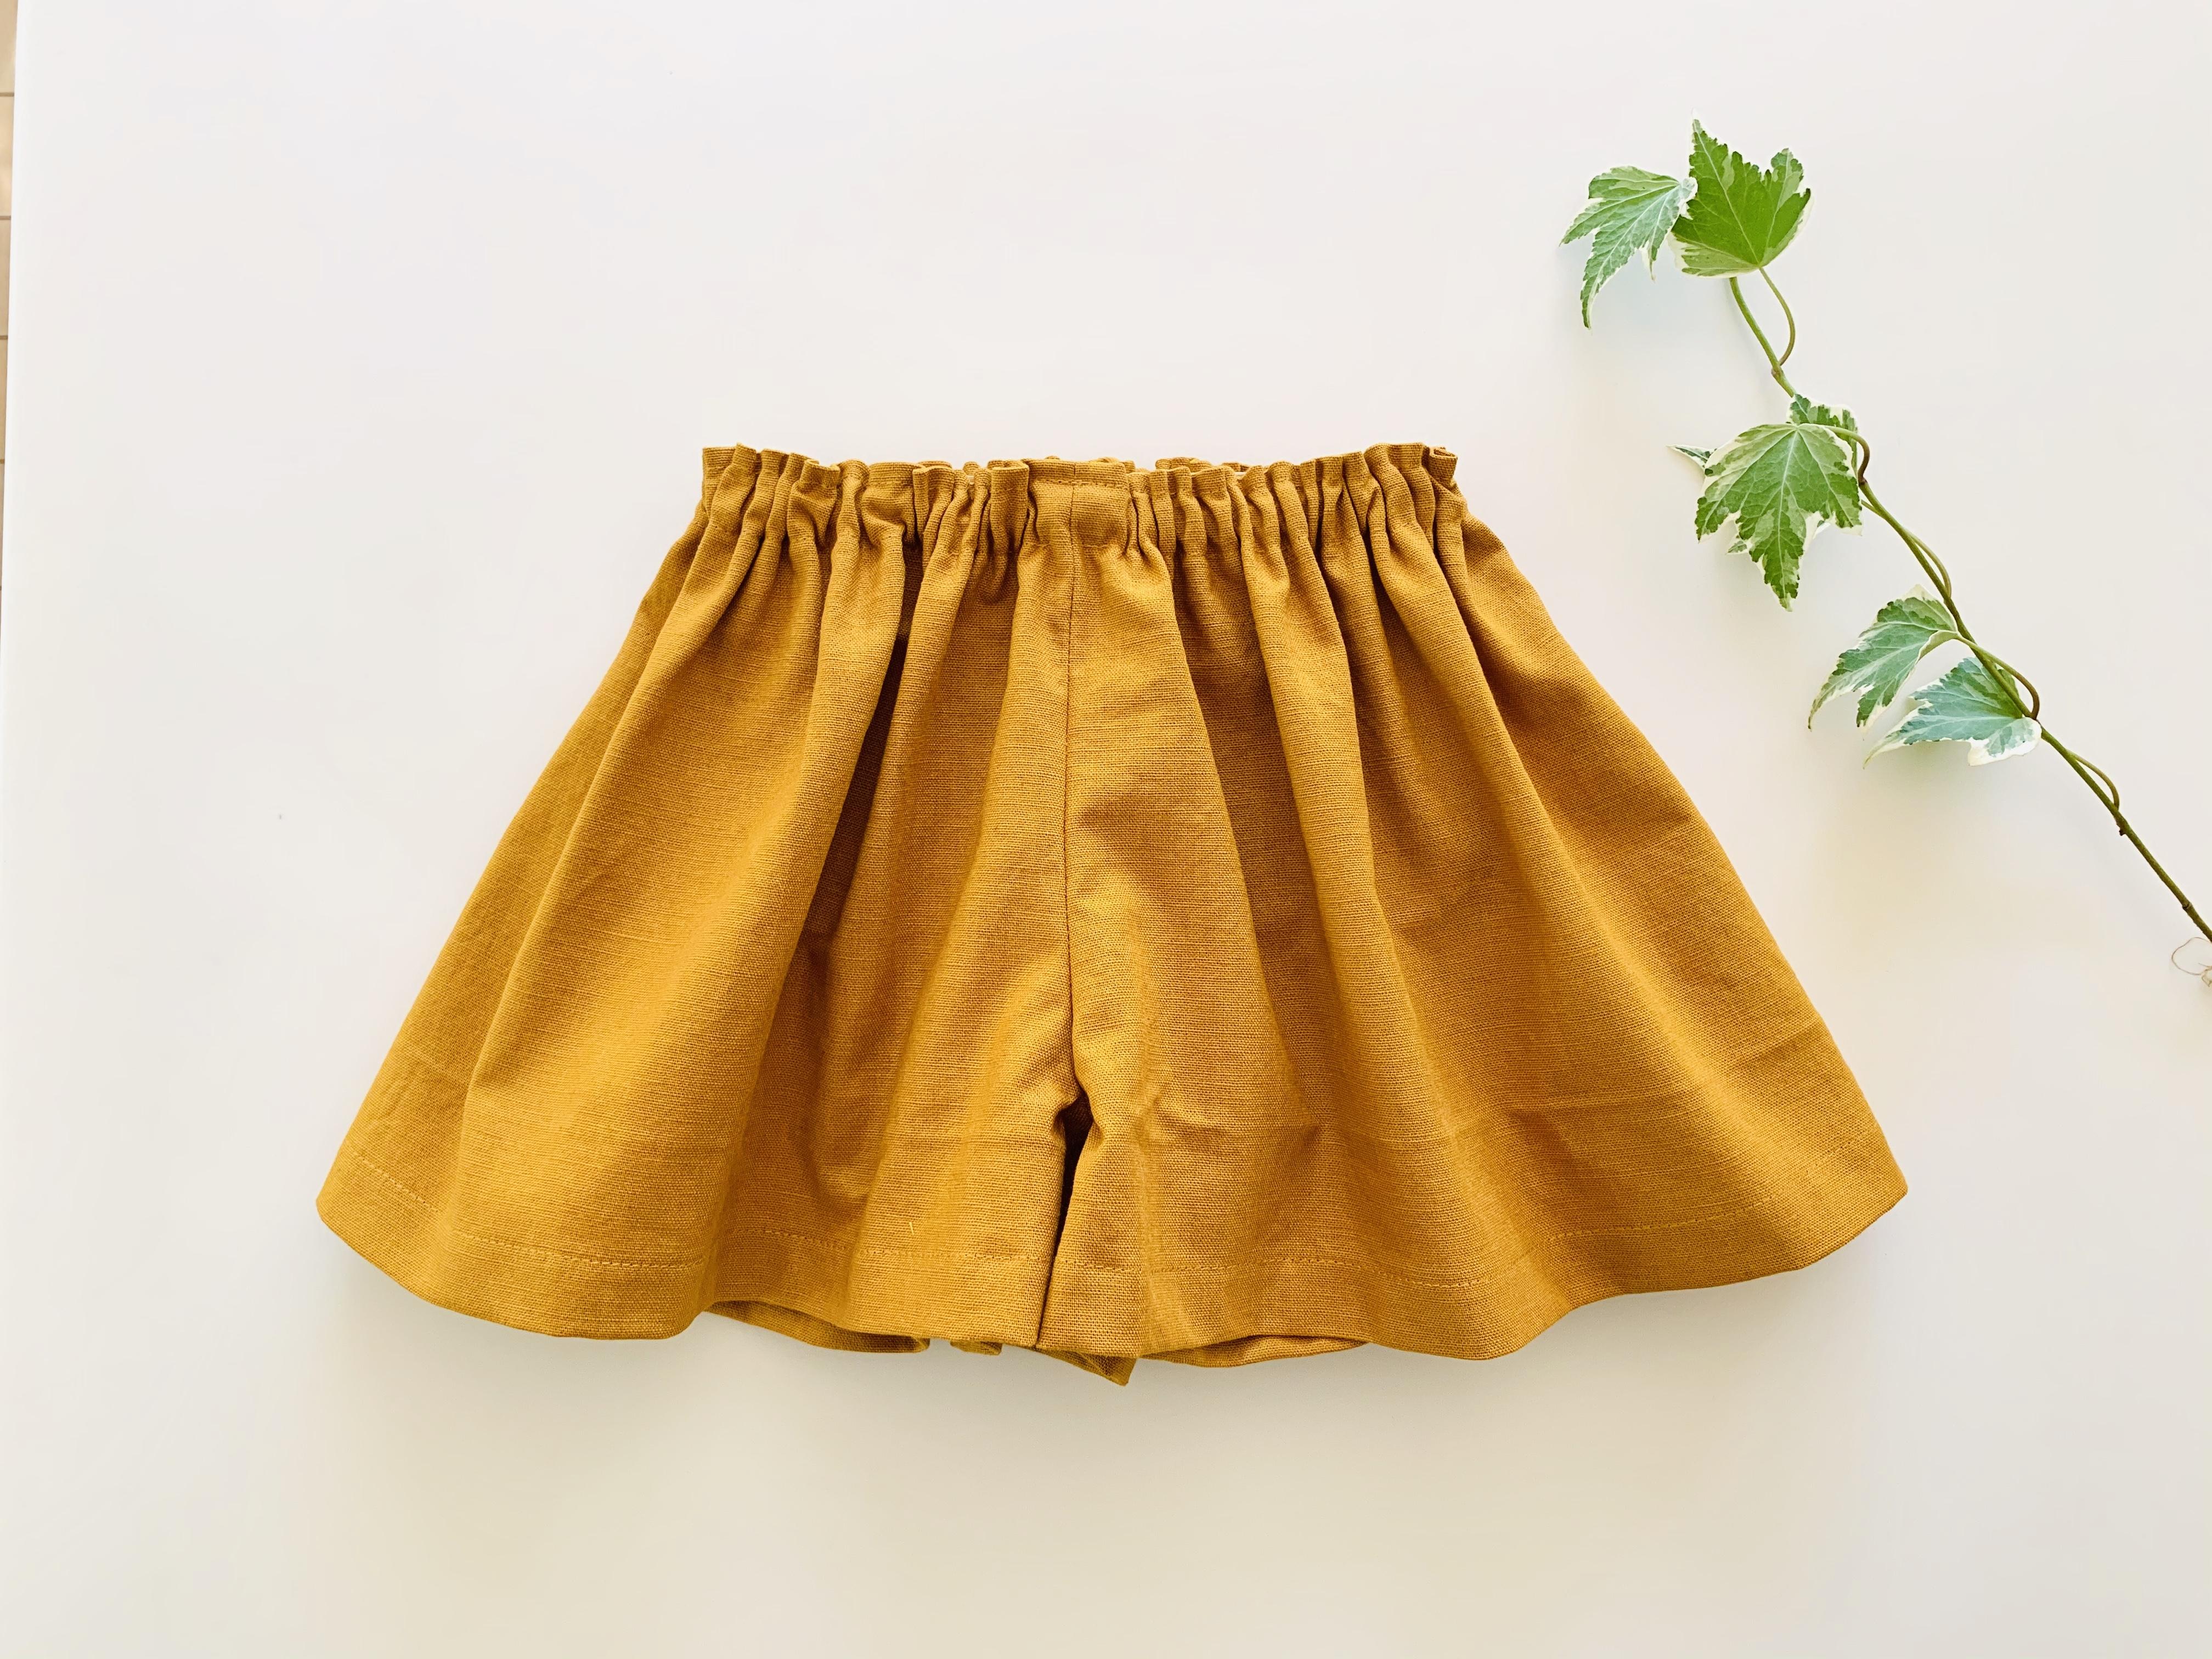 リネンのキュロットスカート 黄色 80cm